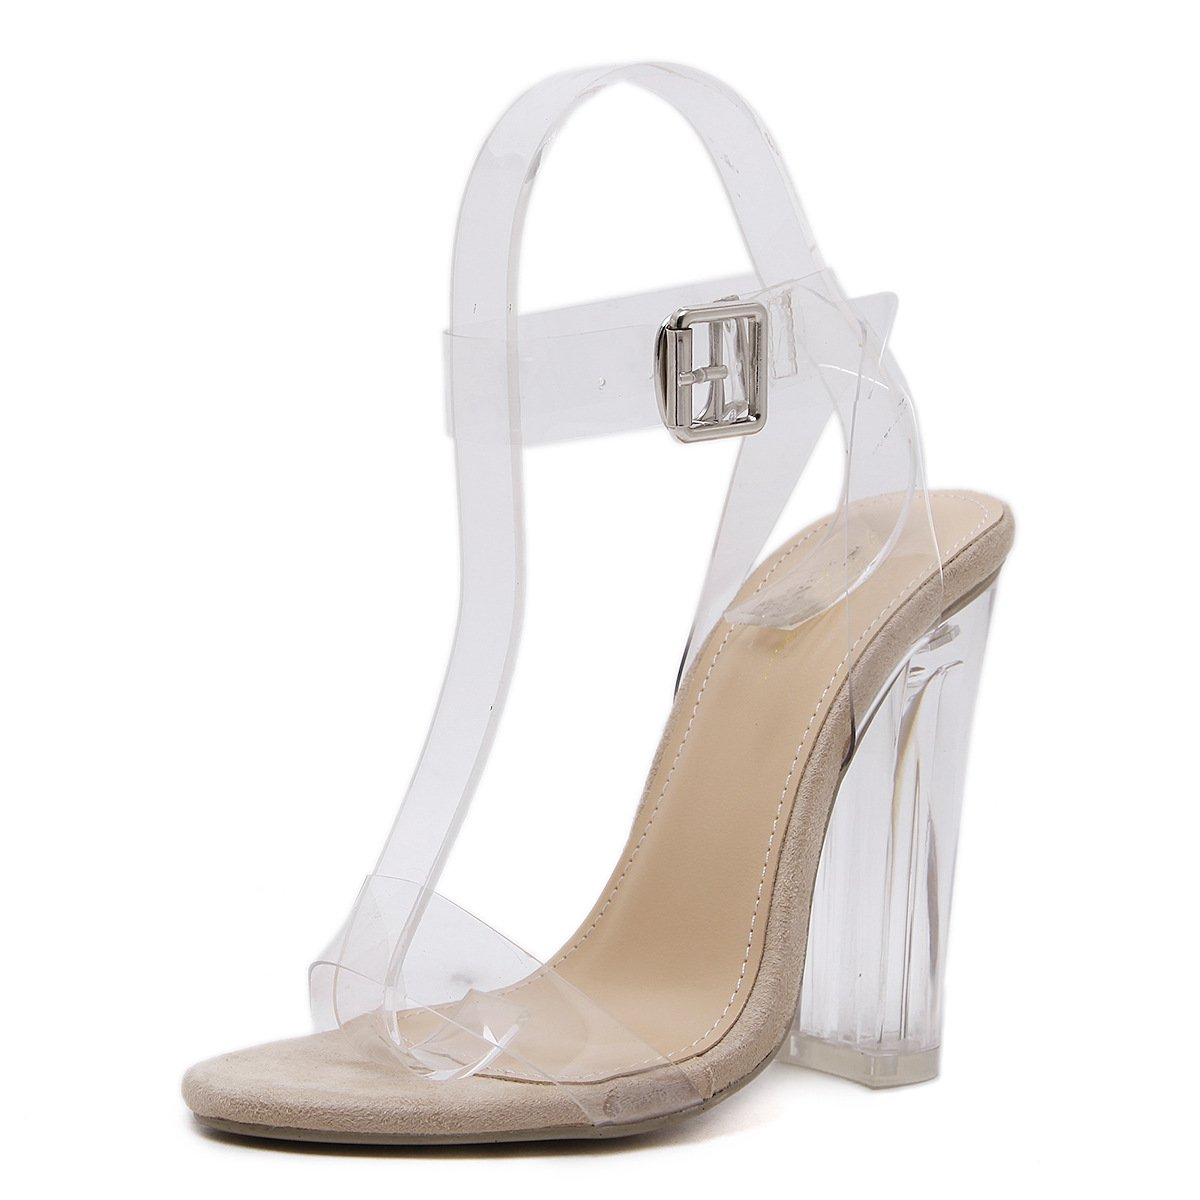 RUGAI-UE Frauen High Heel Sandaletten europäische und amerikanische einfache transparente und grobe Ferse Sandalen